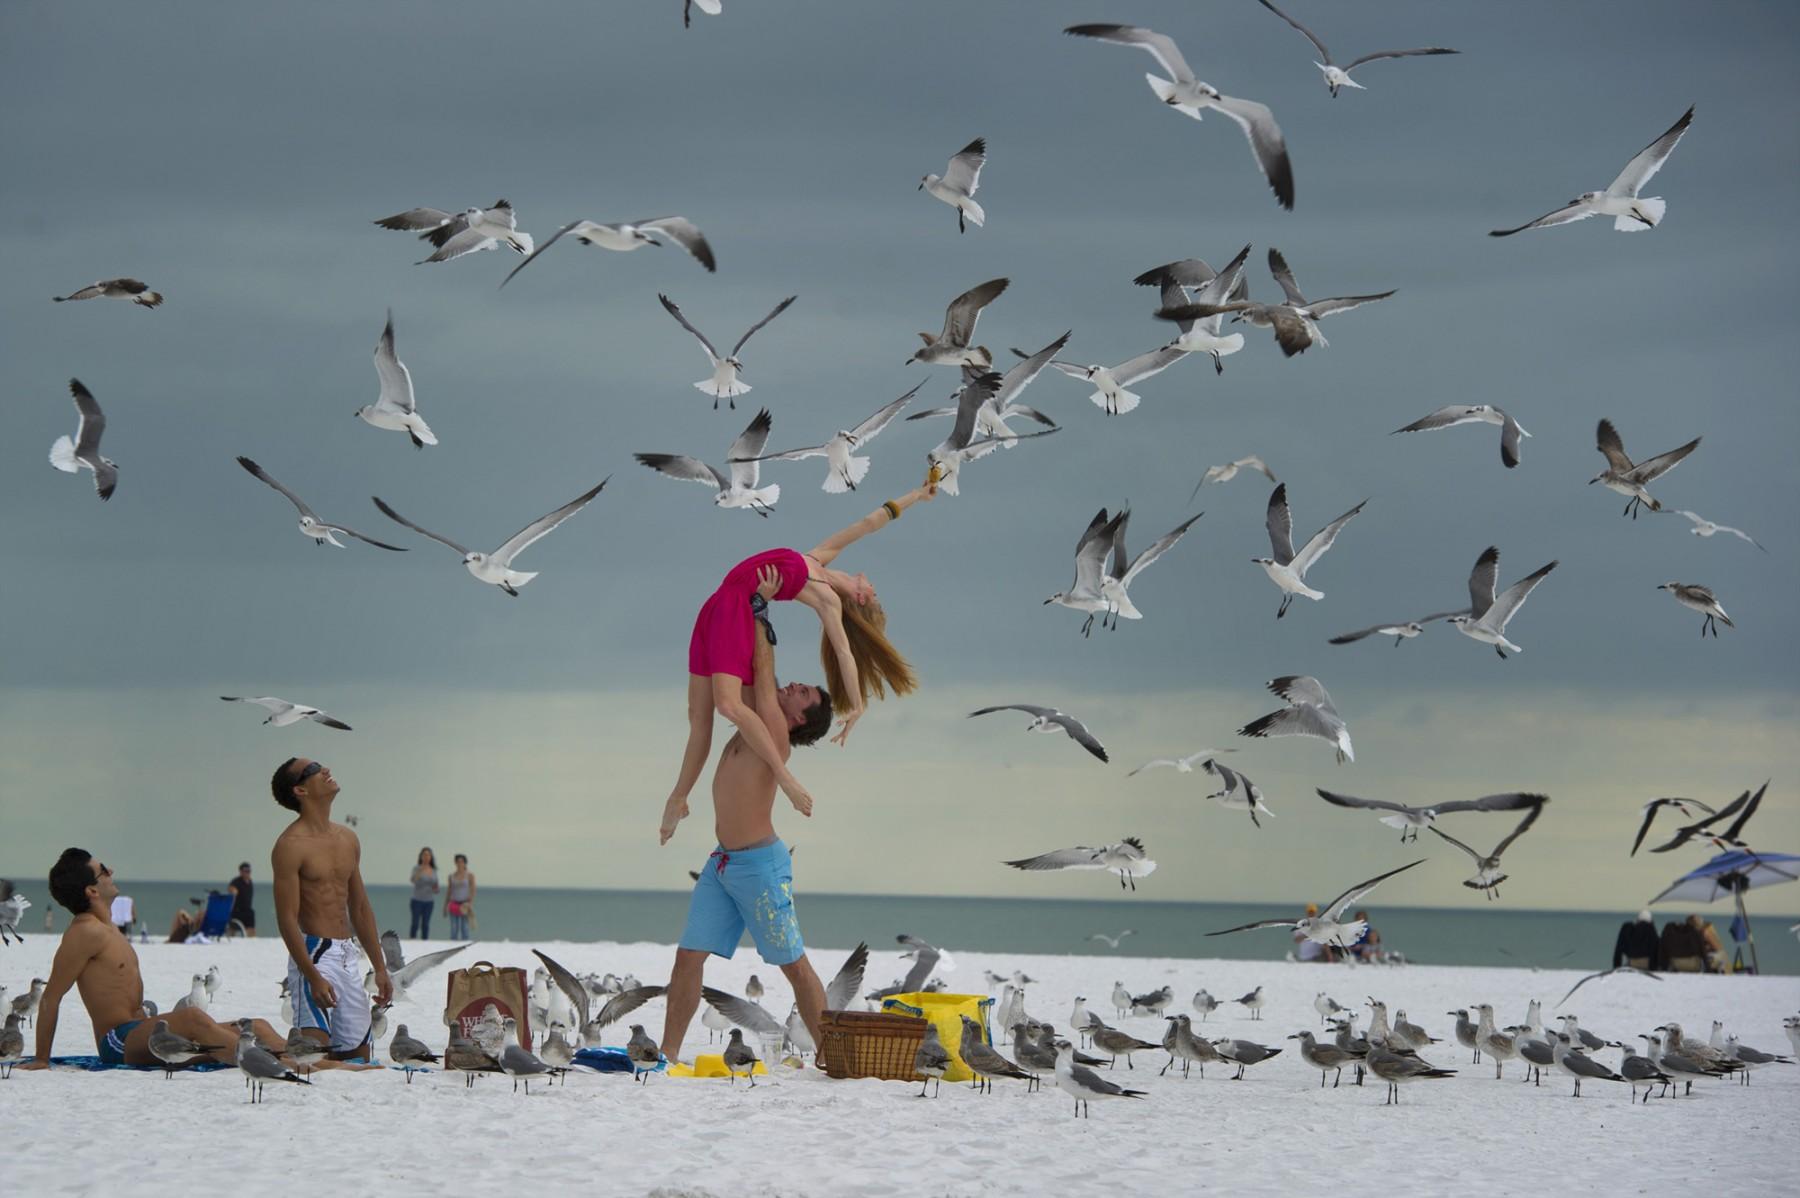 Dancers-Among-Us-in-Sarasota-Danielle-Brown62